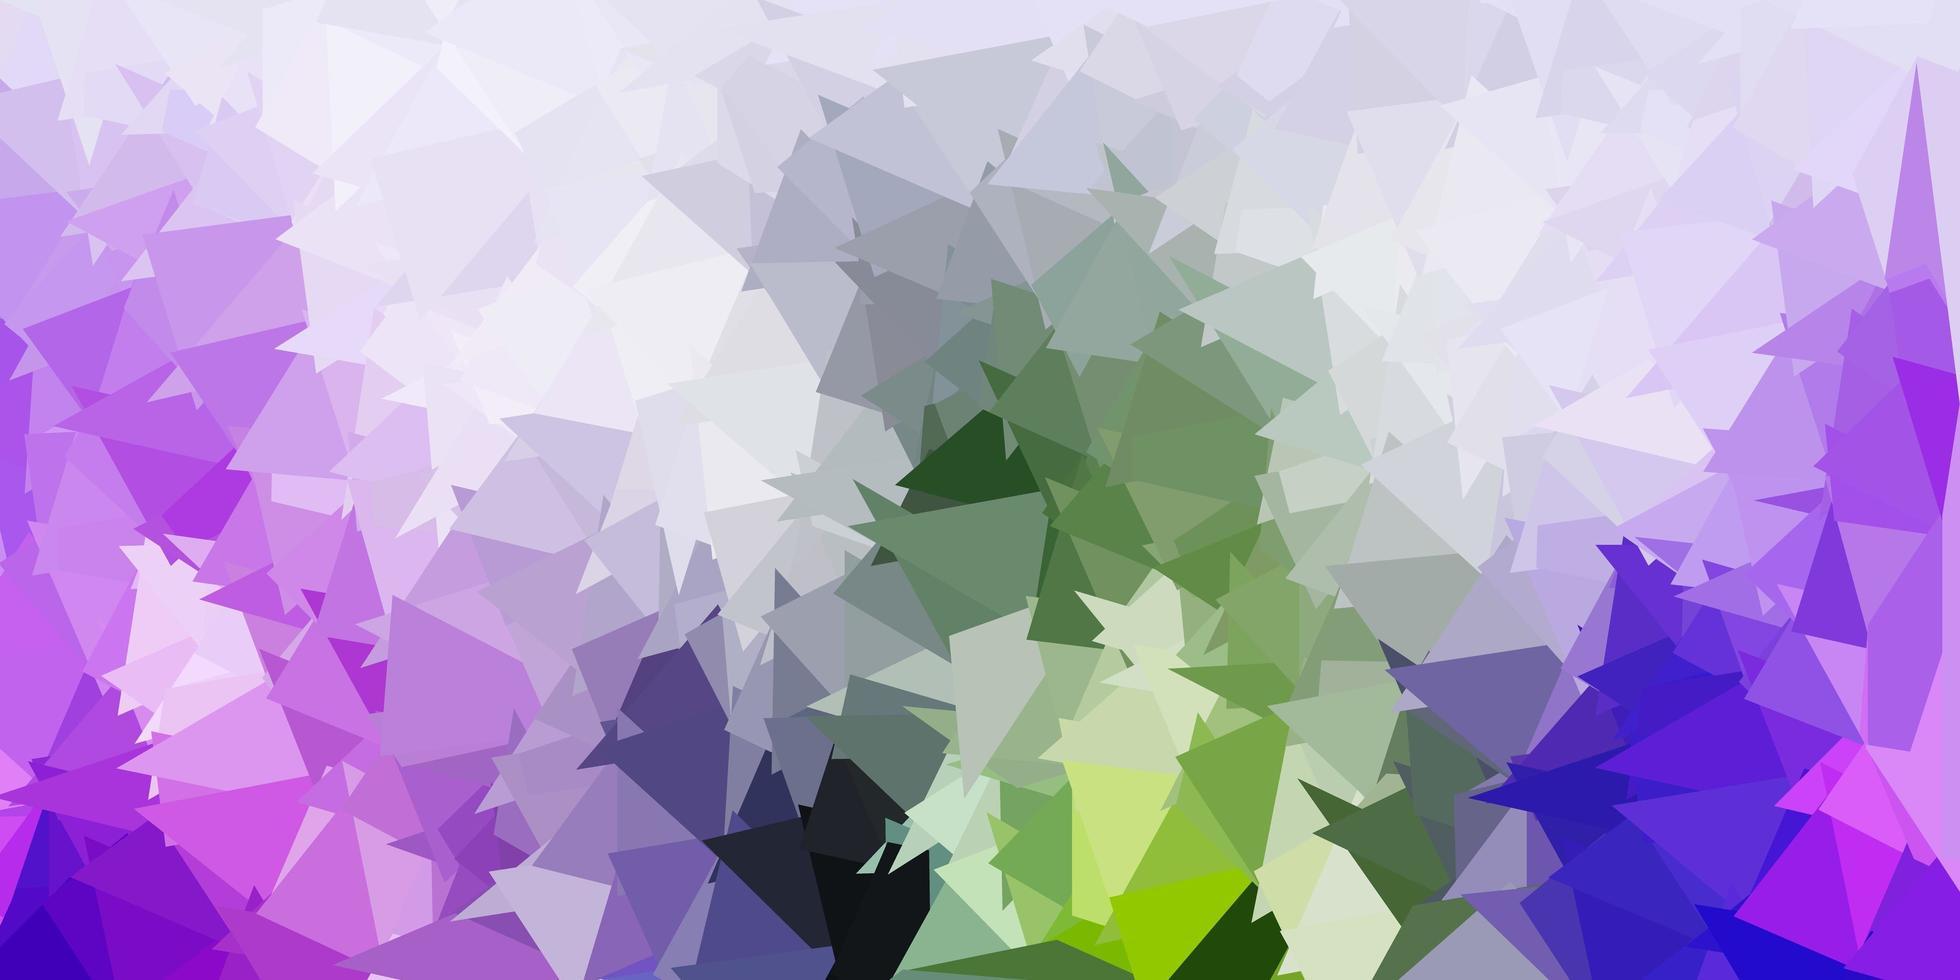 modèle de triangle abstrait vecteur rose clair, vert.